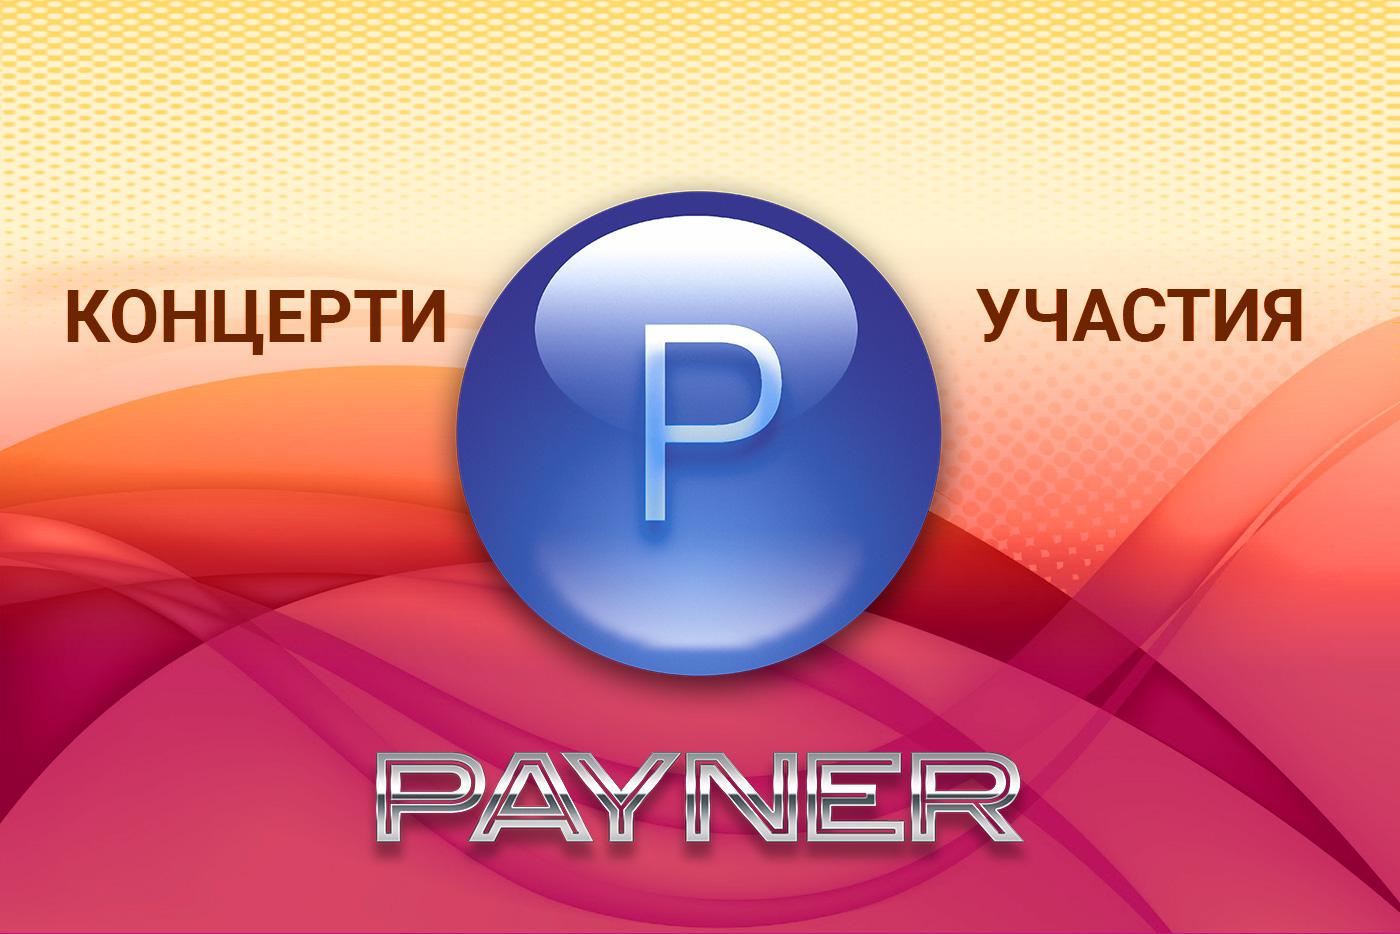 """Участия на звездите на """"Пайнер"""" на 05.10.2019"""